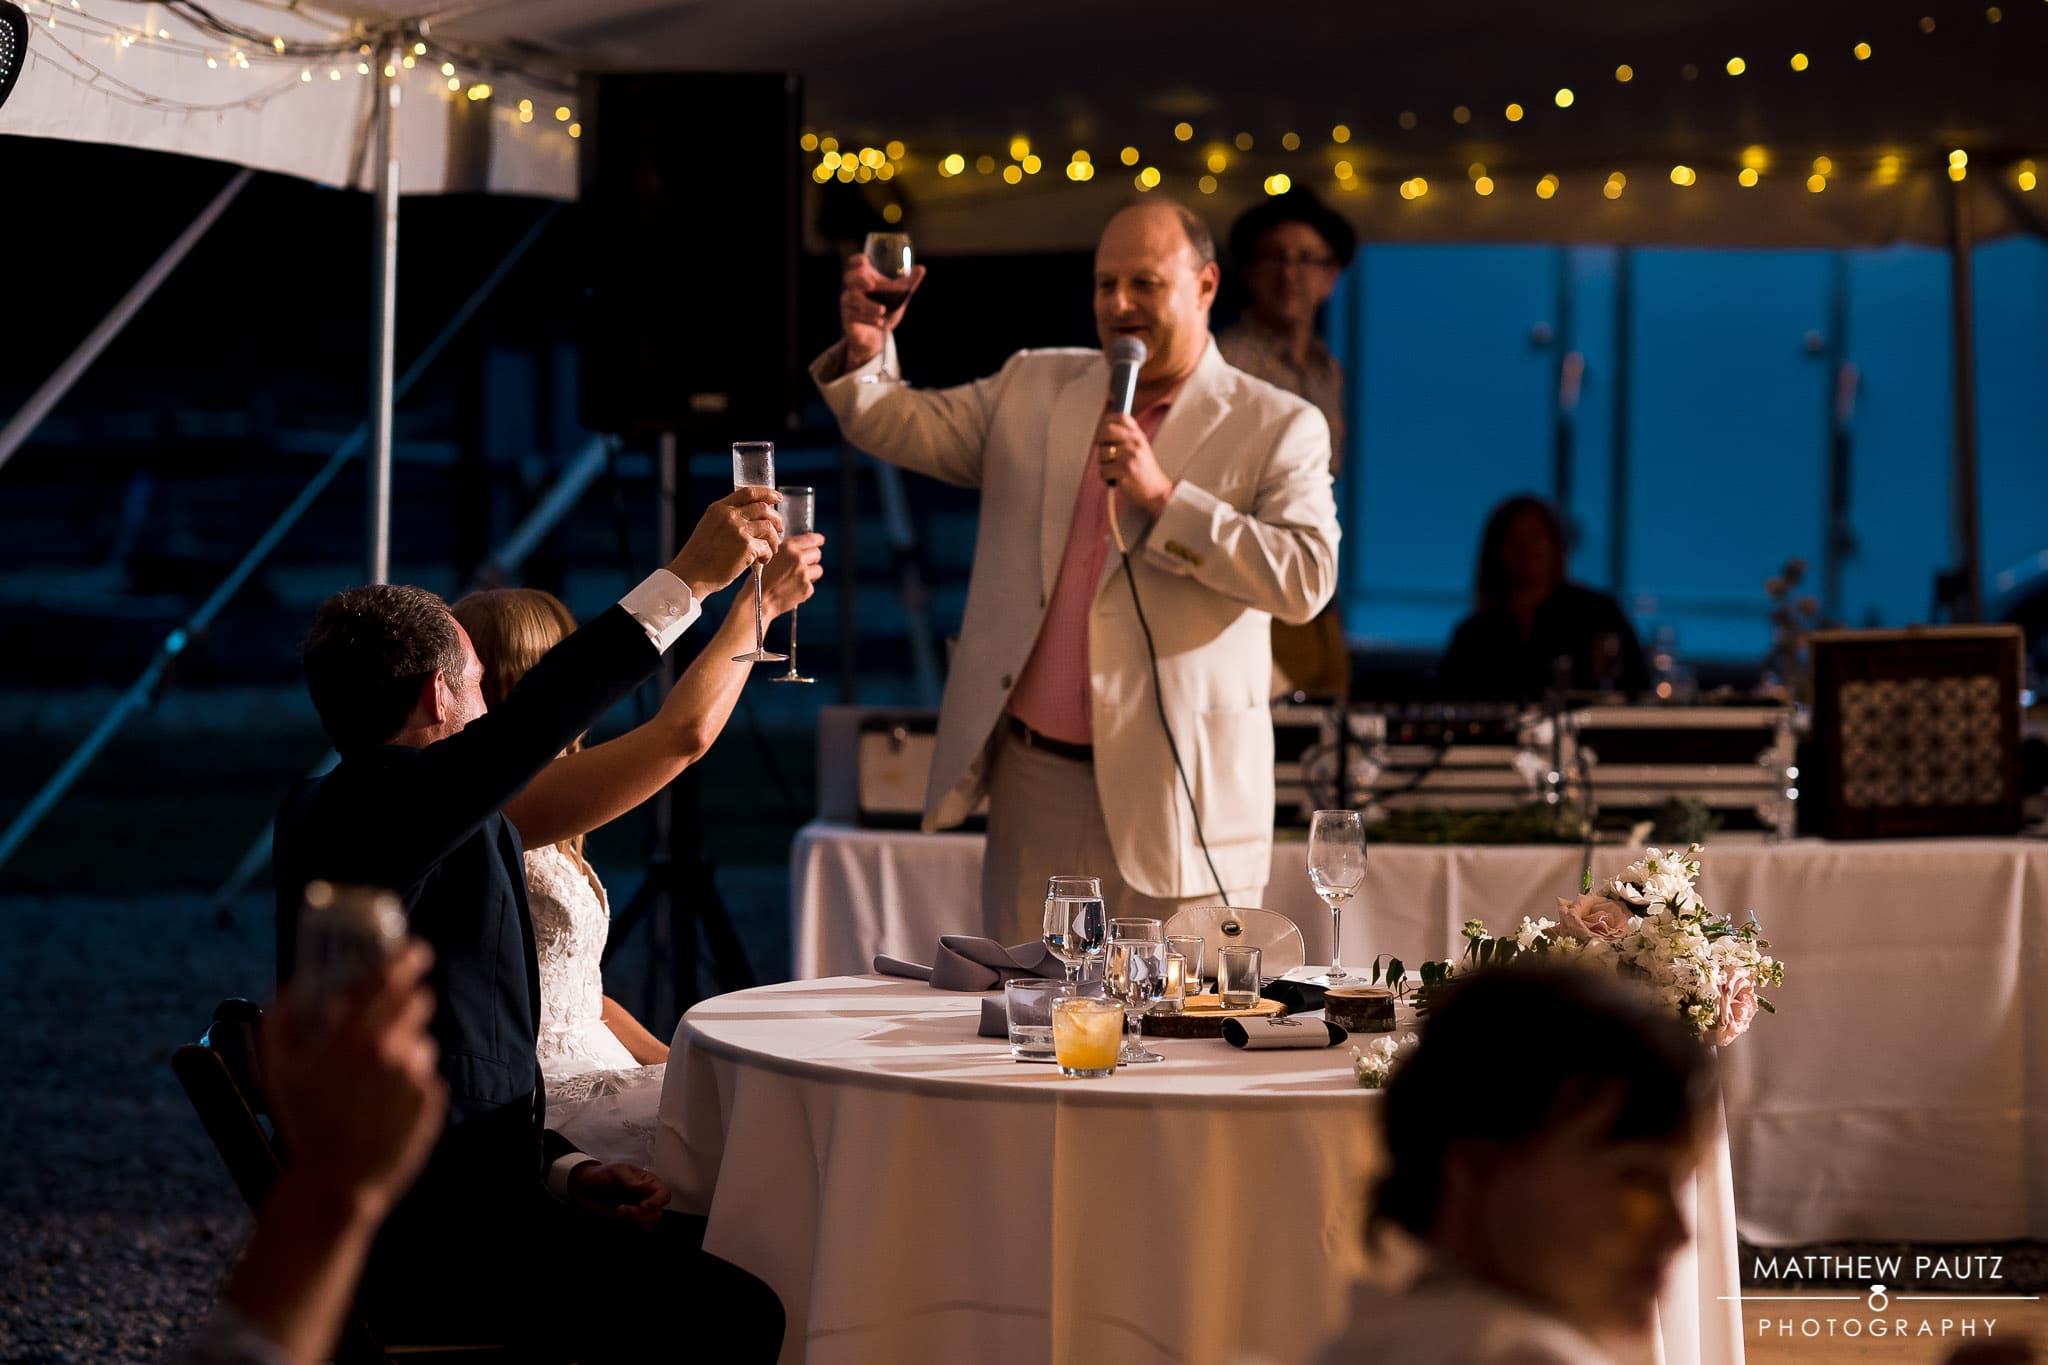 wedding reception photos at Junebug retro in Asheville